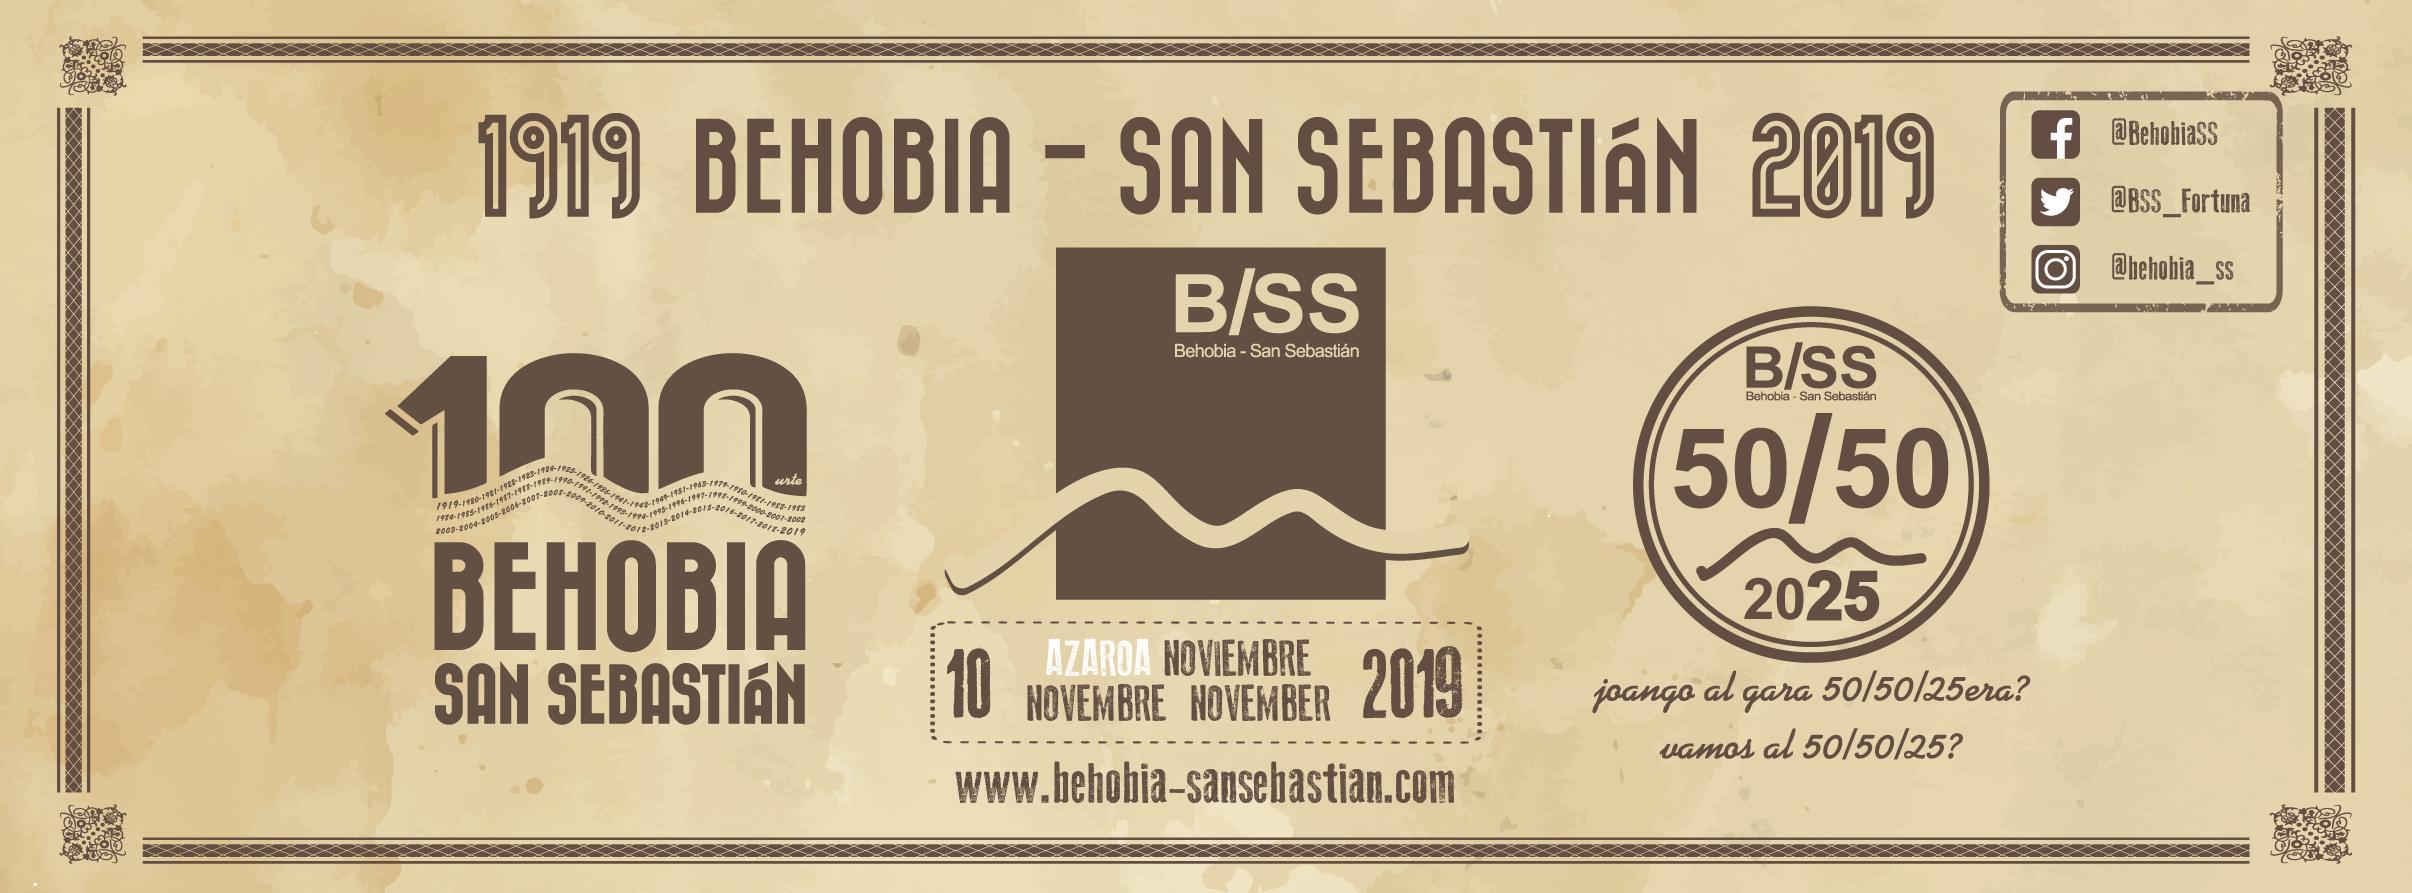 Behobia - San Sebastián 2019